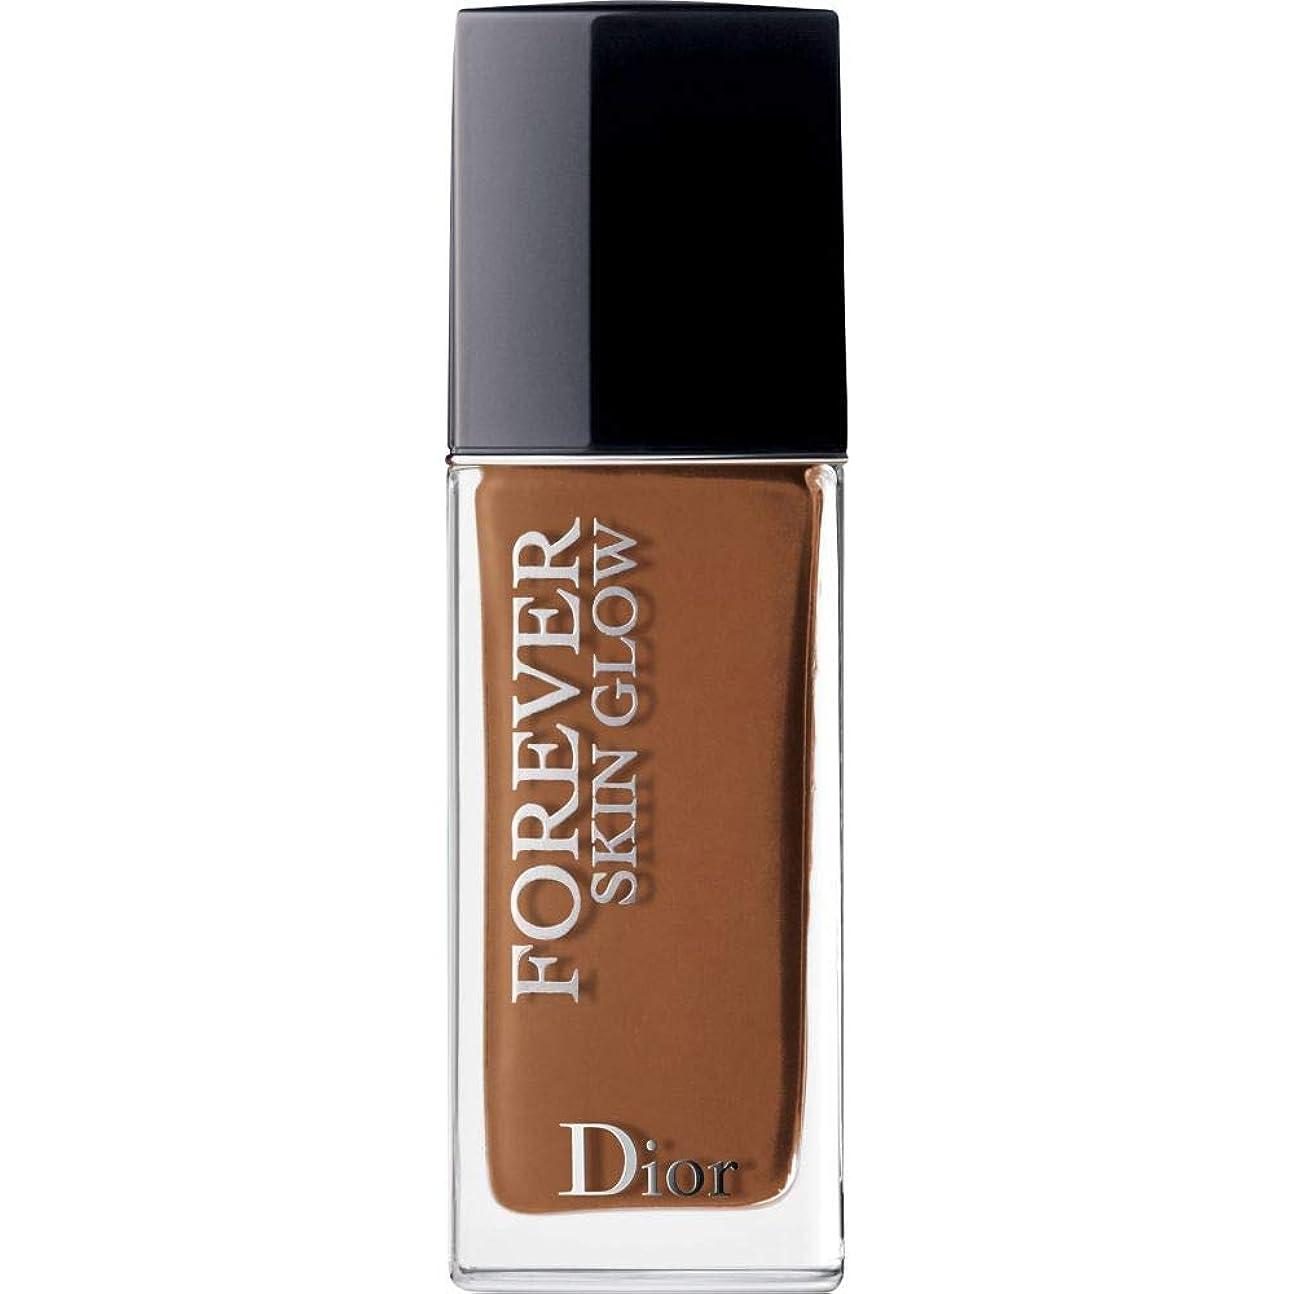 似ているアニメーション不調和[Dior ] ディオール永遠に皮膚グロー皮膚思いやりの基礎Spf35 30ミリリットルの8N - ニュートラル(肌の輝き) - DIOR Forever Skin Glow Skin-Caring Foundation SPF35 30ml 8N - Neutral (Skin Glow) [並行輸入品]